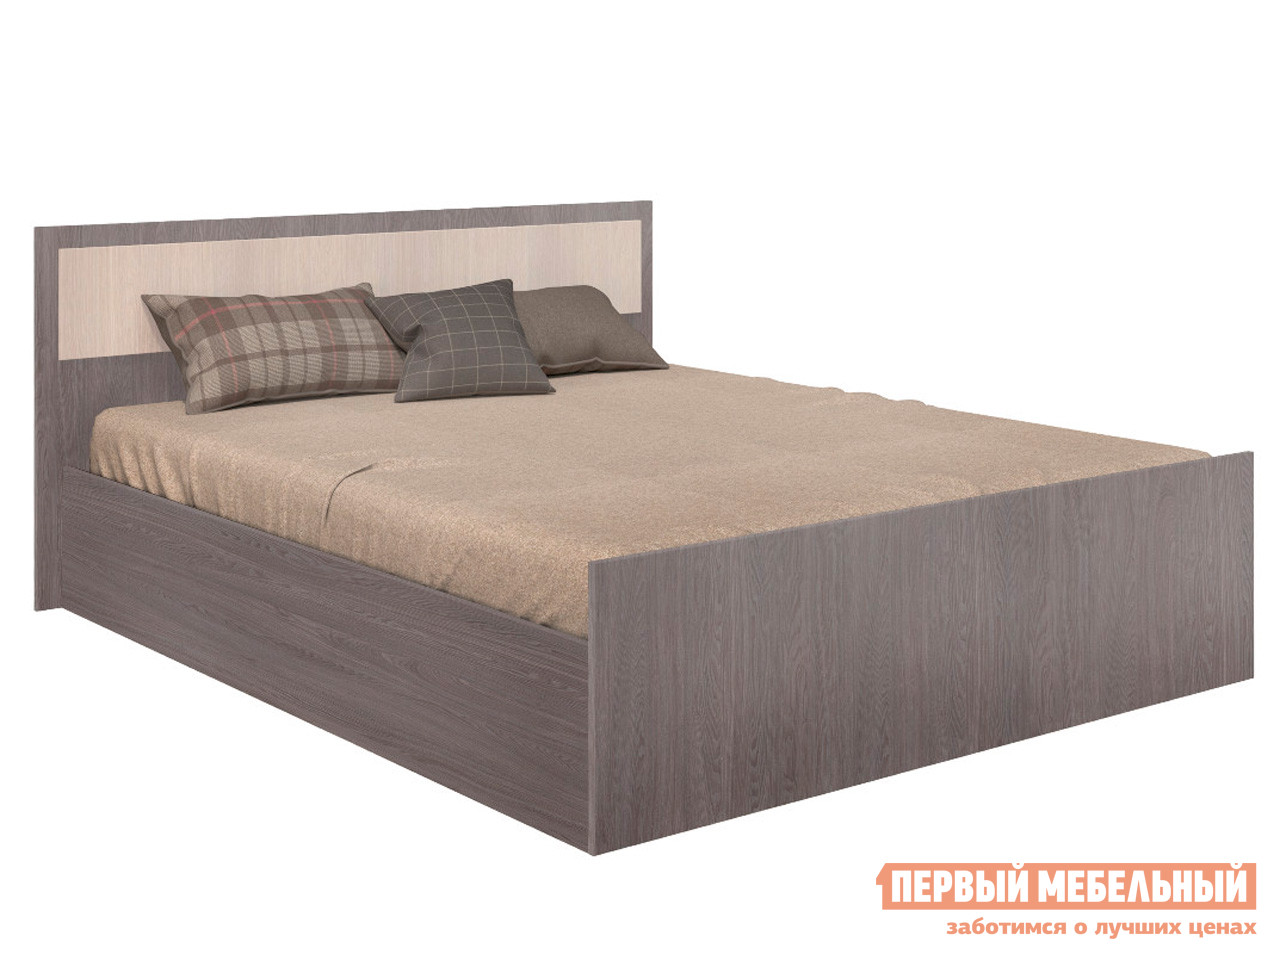 Двуспальная кровать  Кровать Фиеста Ясень темный / Ясень светлый, 140х200 см